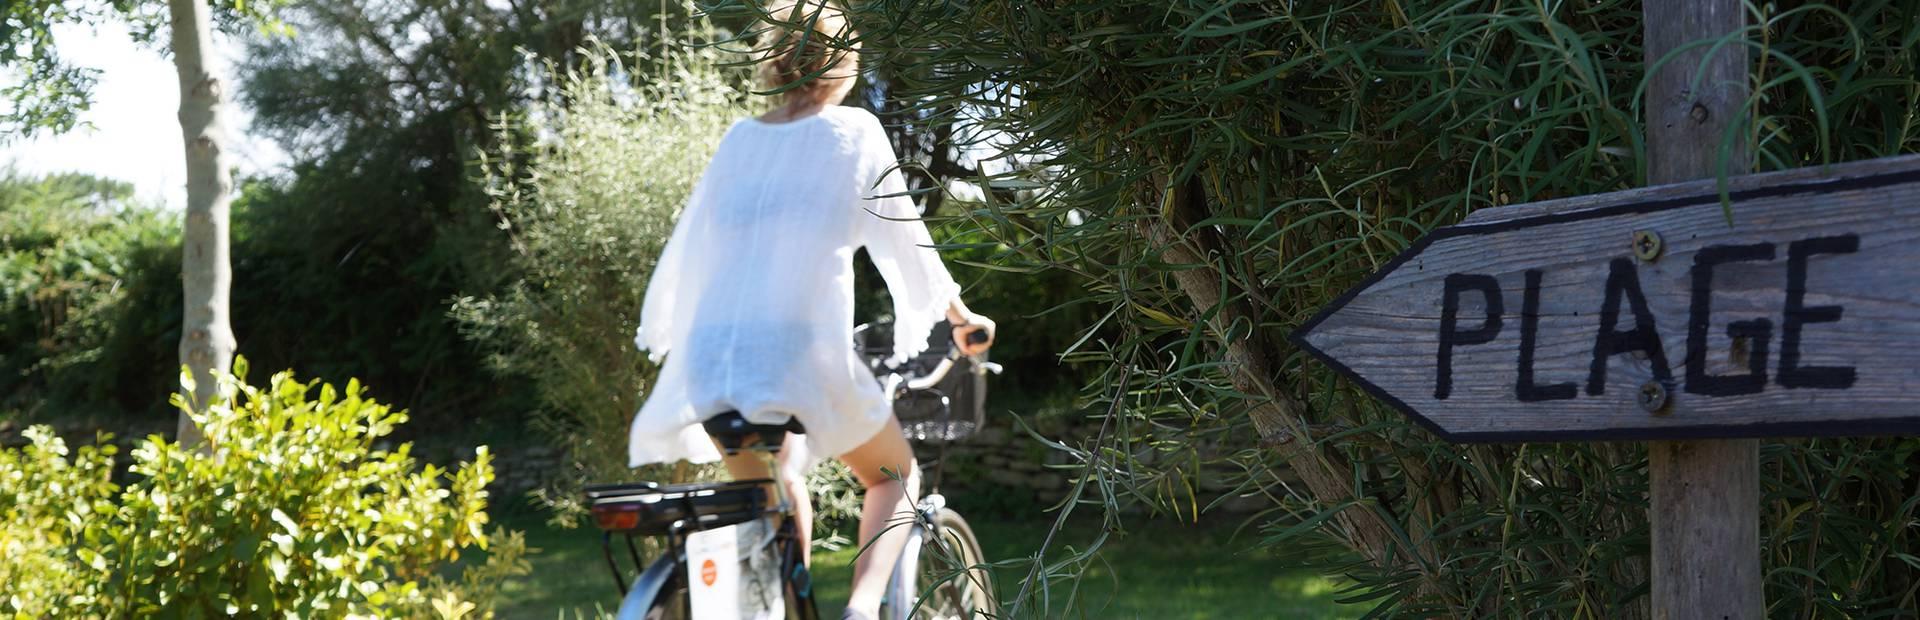 Radtour im Pays Bigouden © E Cléret